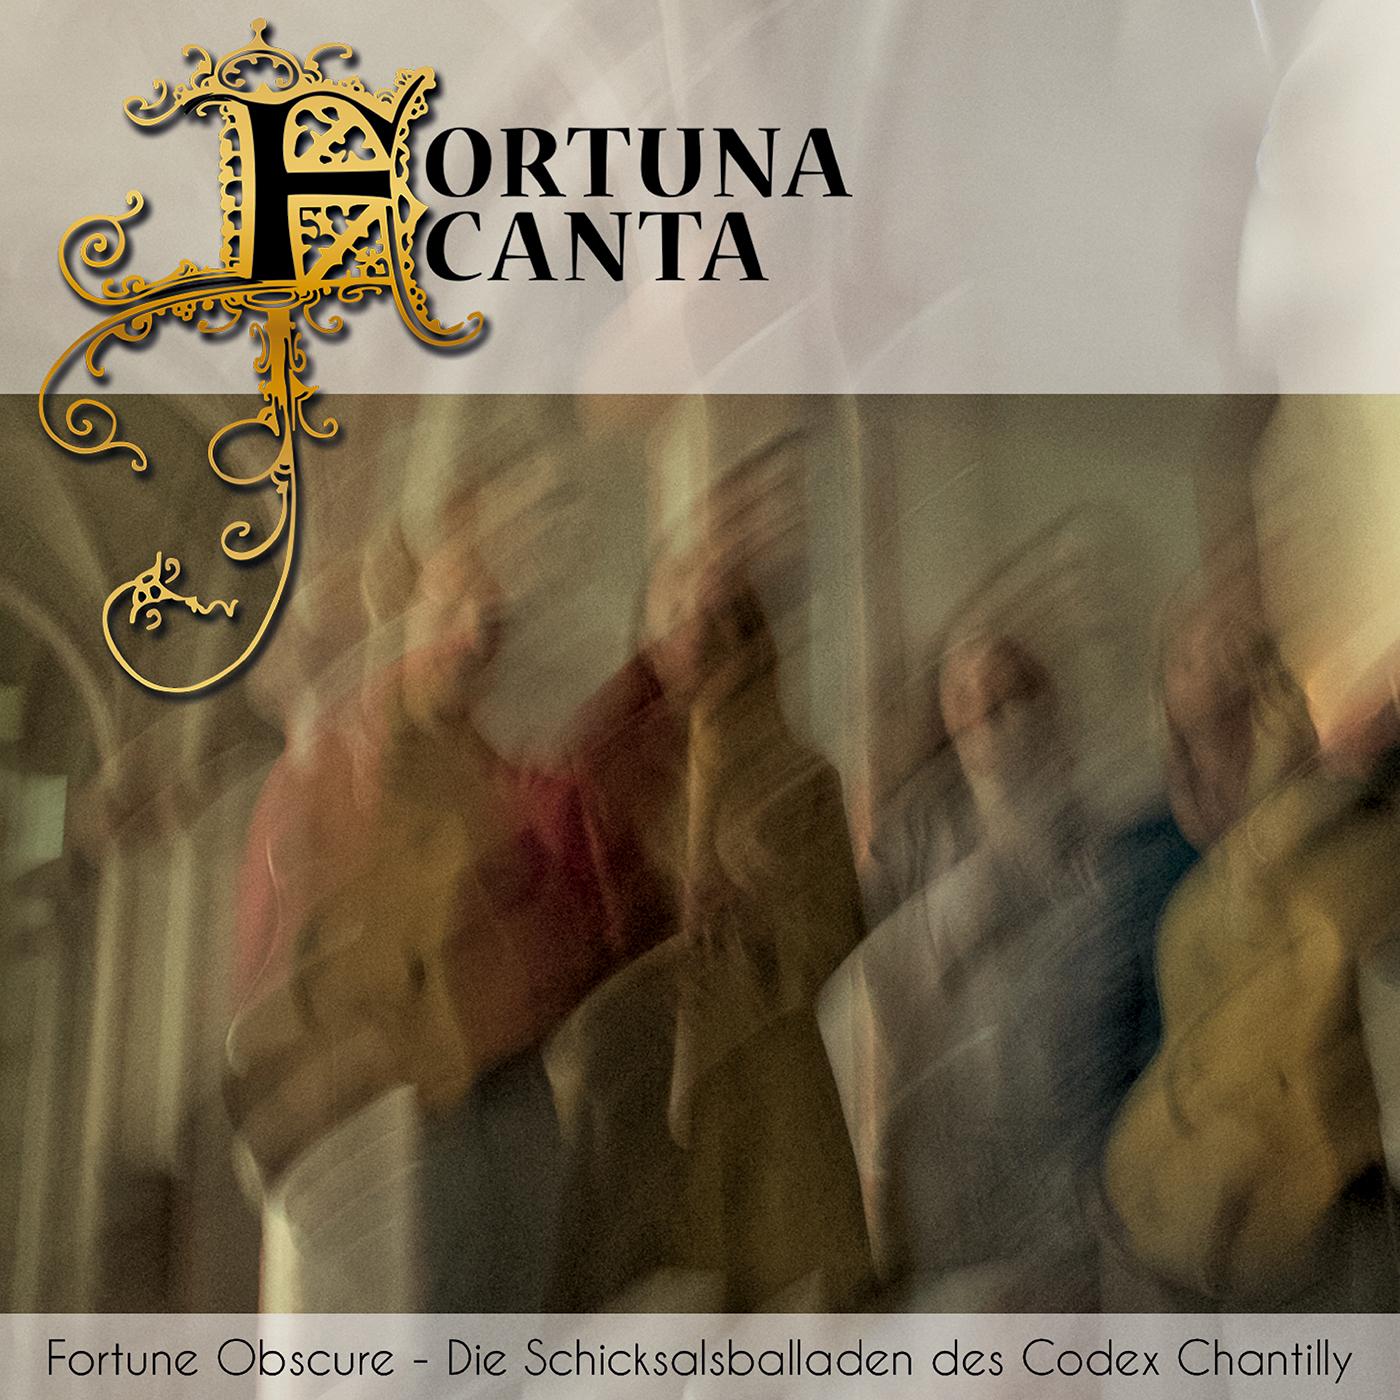 Fortune Obscure - Die Schicksalsballaden des Codex Chantilly